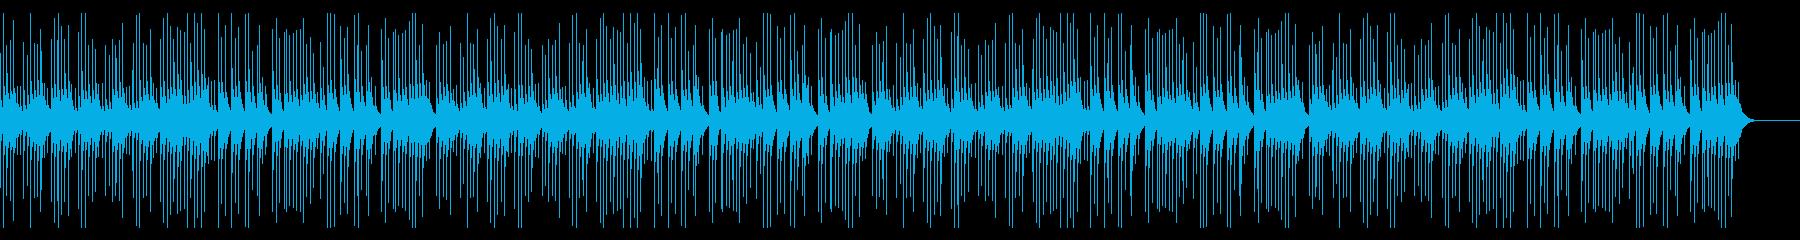 ジングルベル オルゴール遅の再生済みの波形